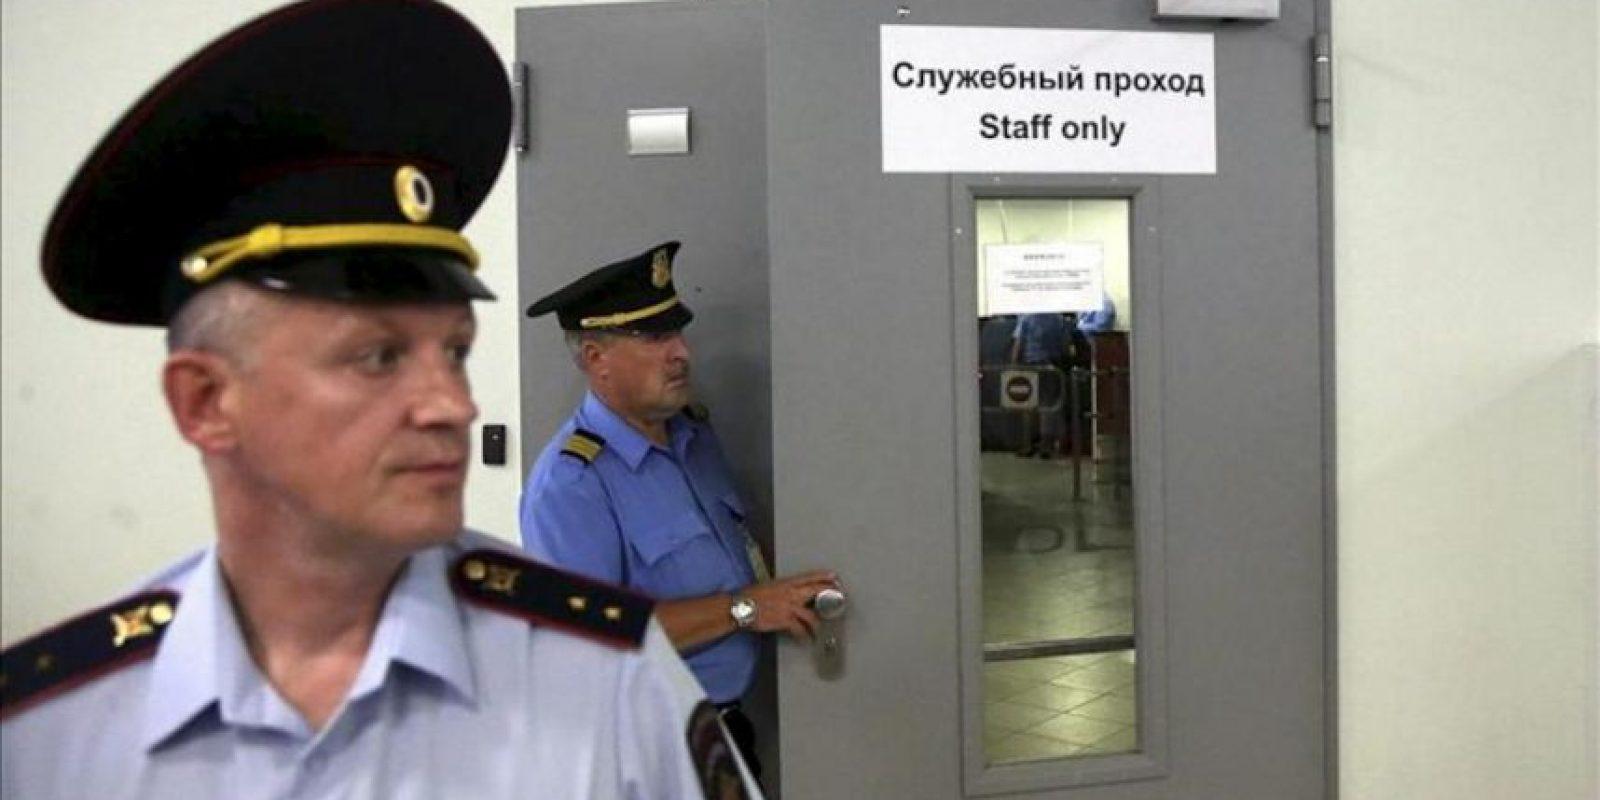 Policías rusos vigilan en las inmediaciones de una puerta que conduce a la zona de tránsito del aeropuerto de Sheremetyevo, en Moscú, Rusia, hoy 24 julio de 2013. EFE